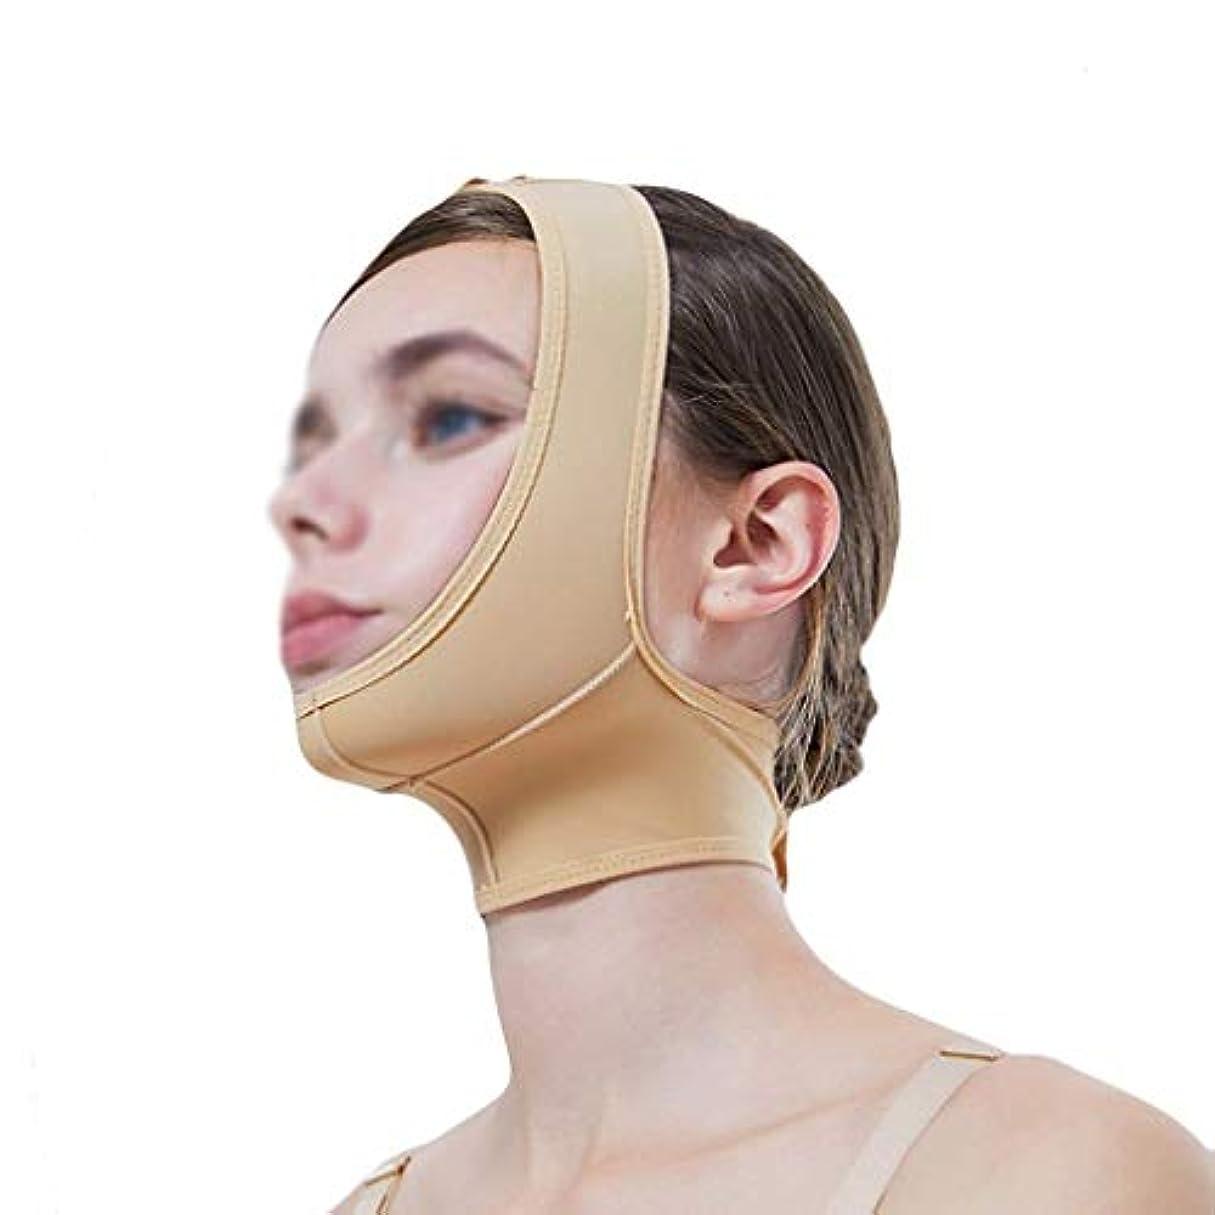 ブラザー金銭的なホームレスマスク、超薄型ベルト、フェイスリフティングに適し、フェイスリフティング、通気性包帯、あご取りベルト、超薄型ベルト、通気性(サイズ:XL),XS